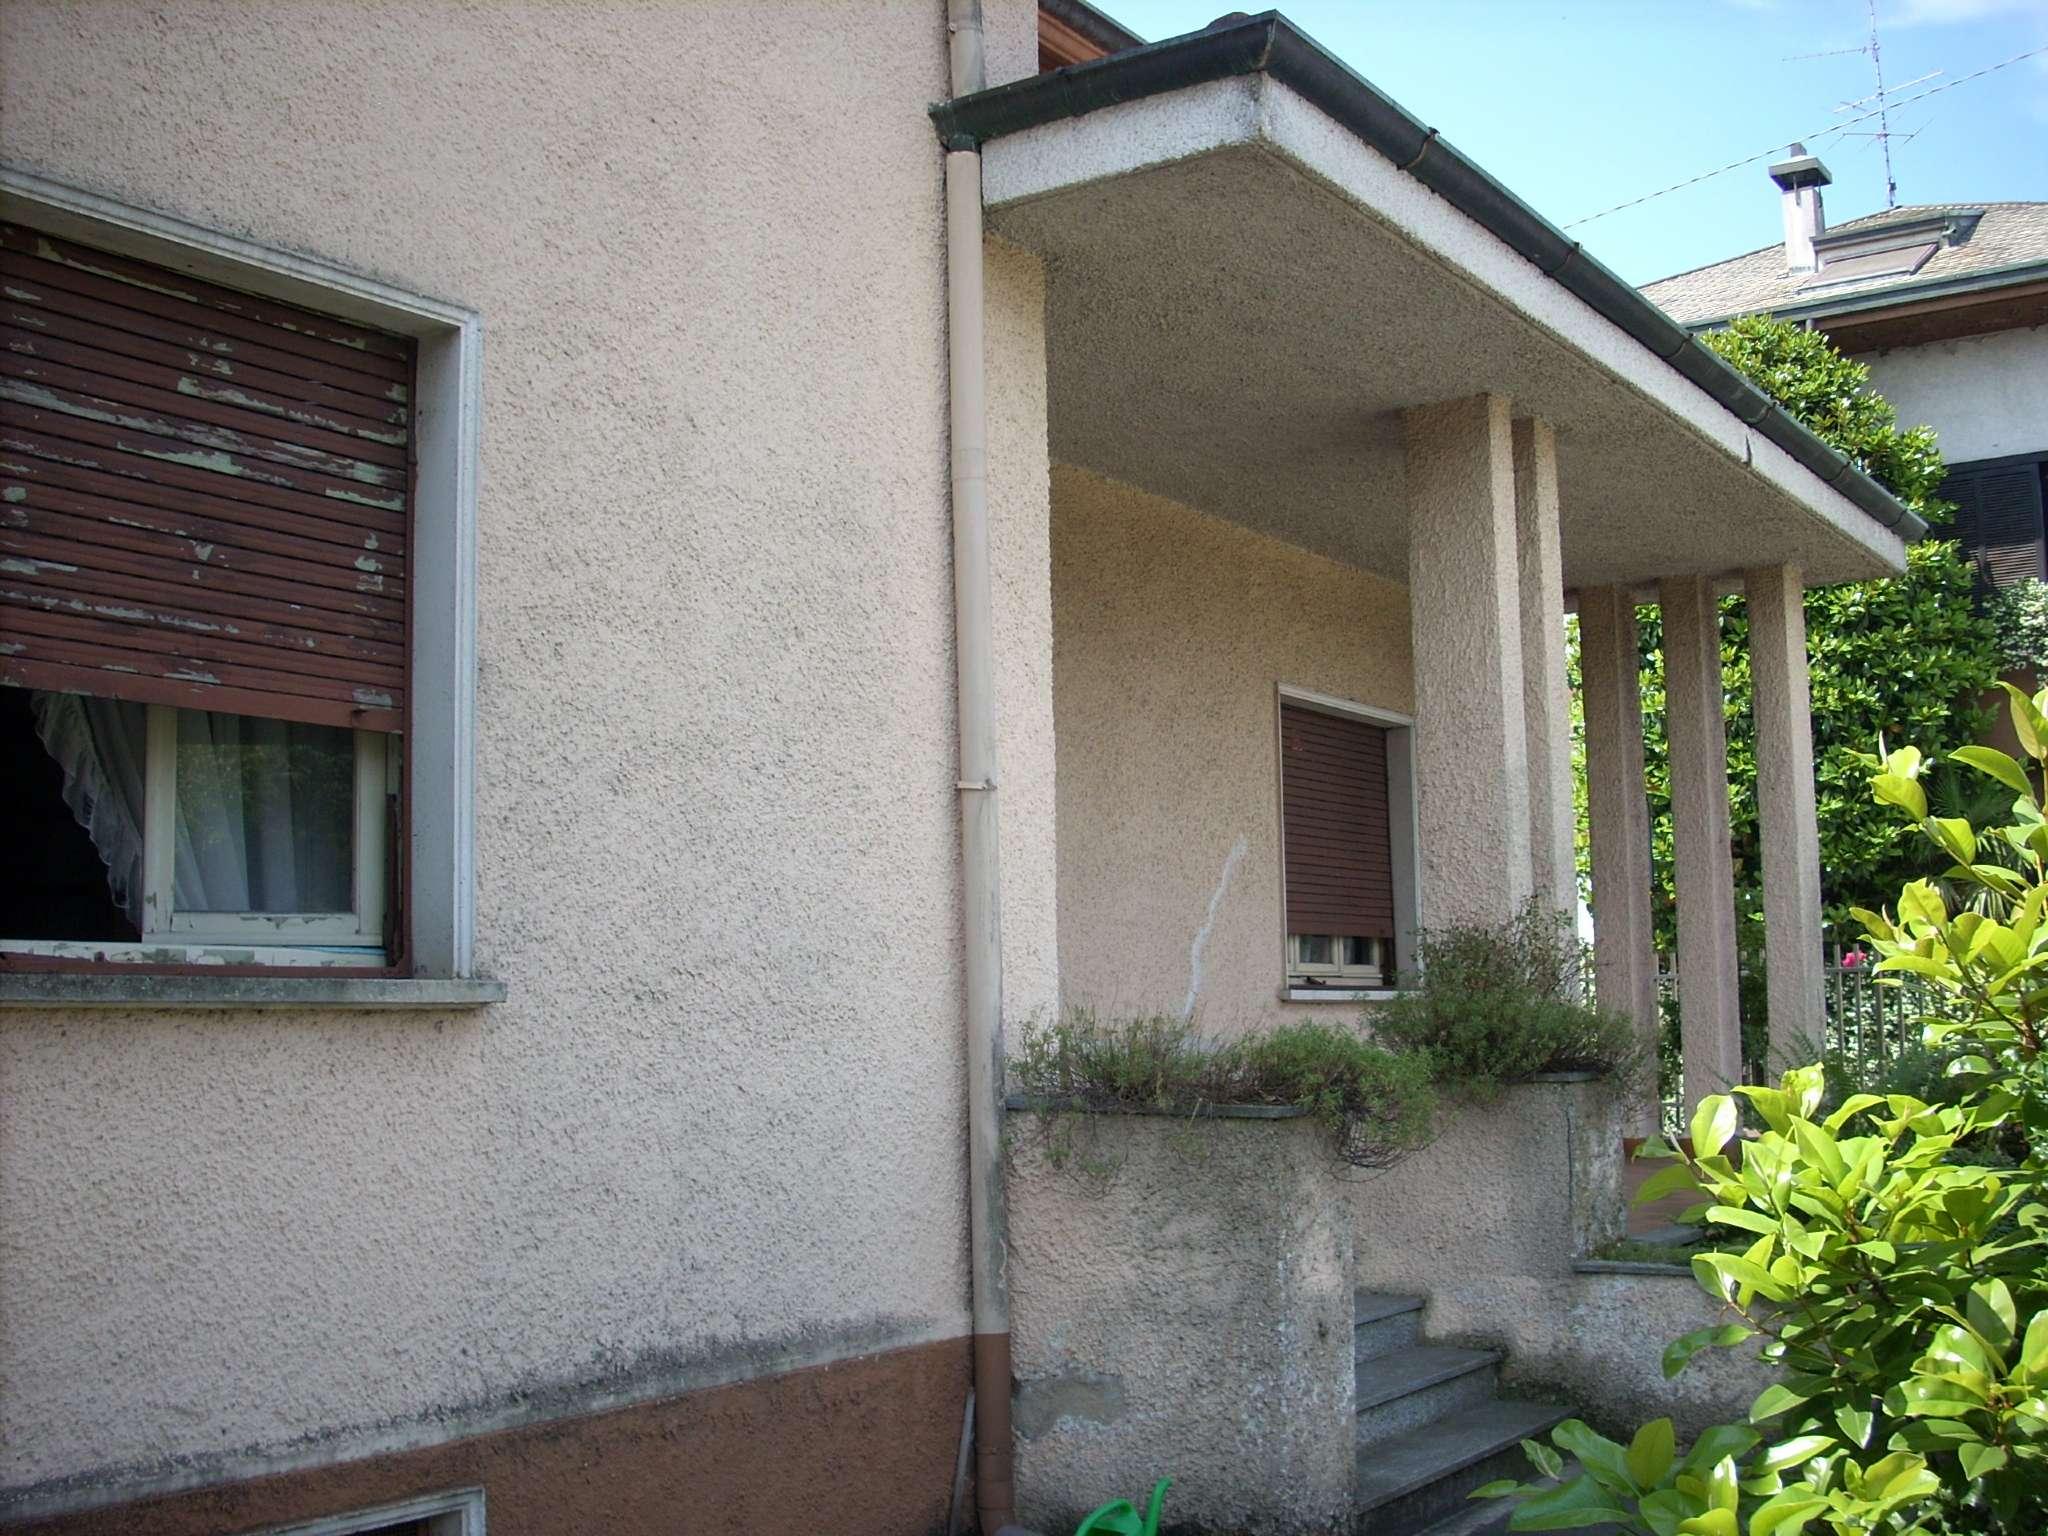 Villa in vendita a Magnago, 5 locali, prezzo € 245.000 | CambioCasa.it